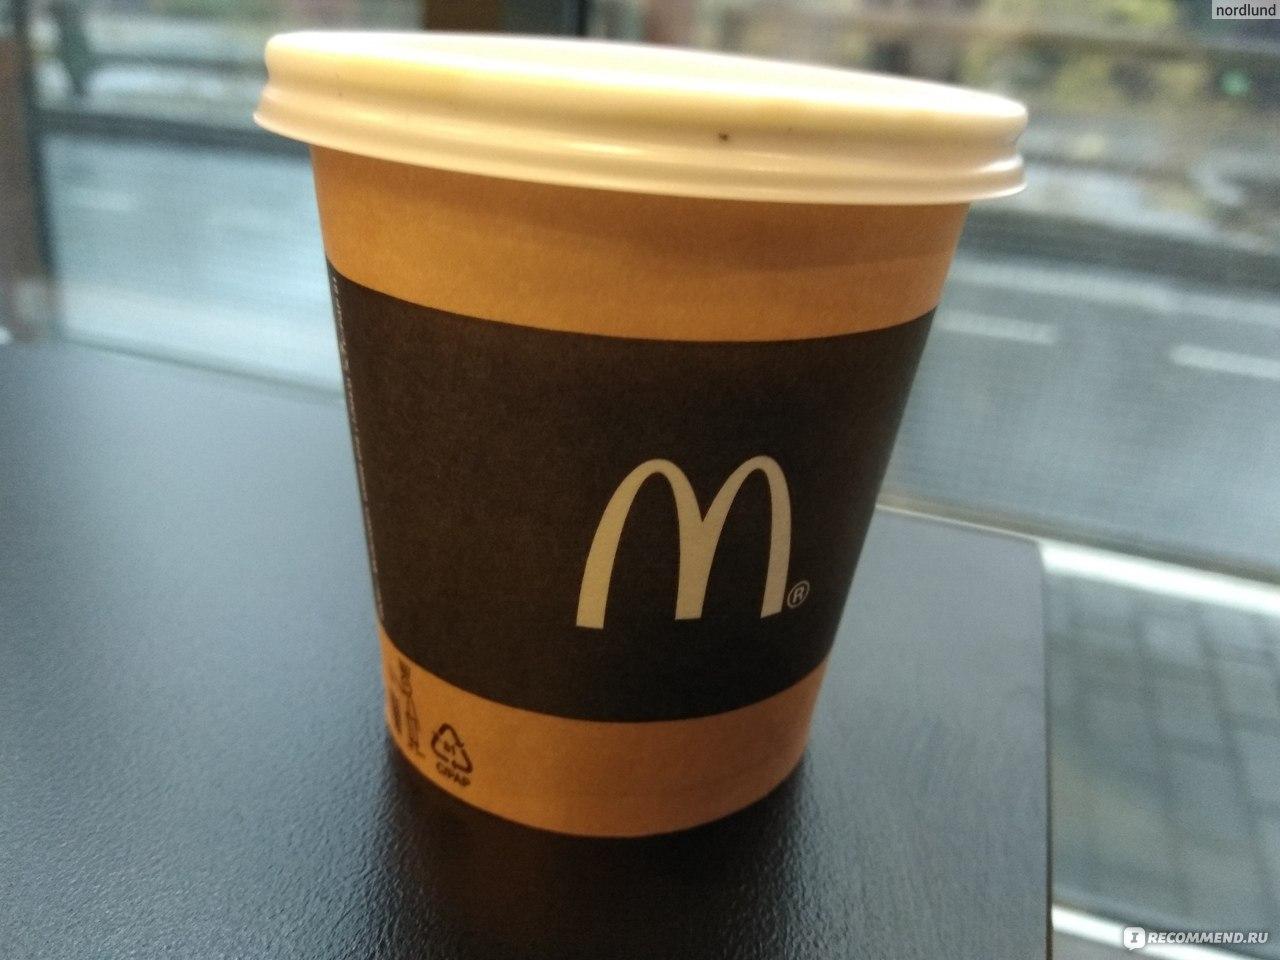 частности, макдоналдс кофе фото проведении земляных работ